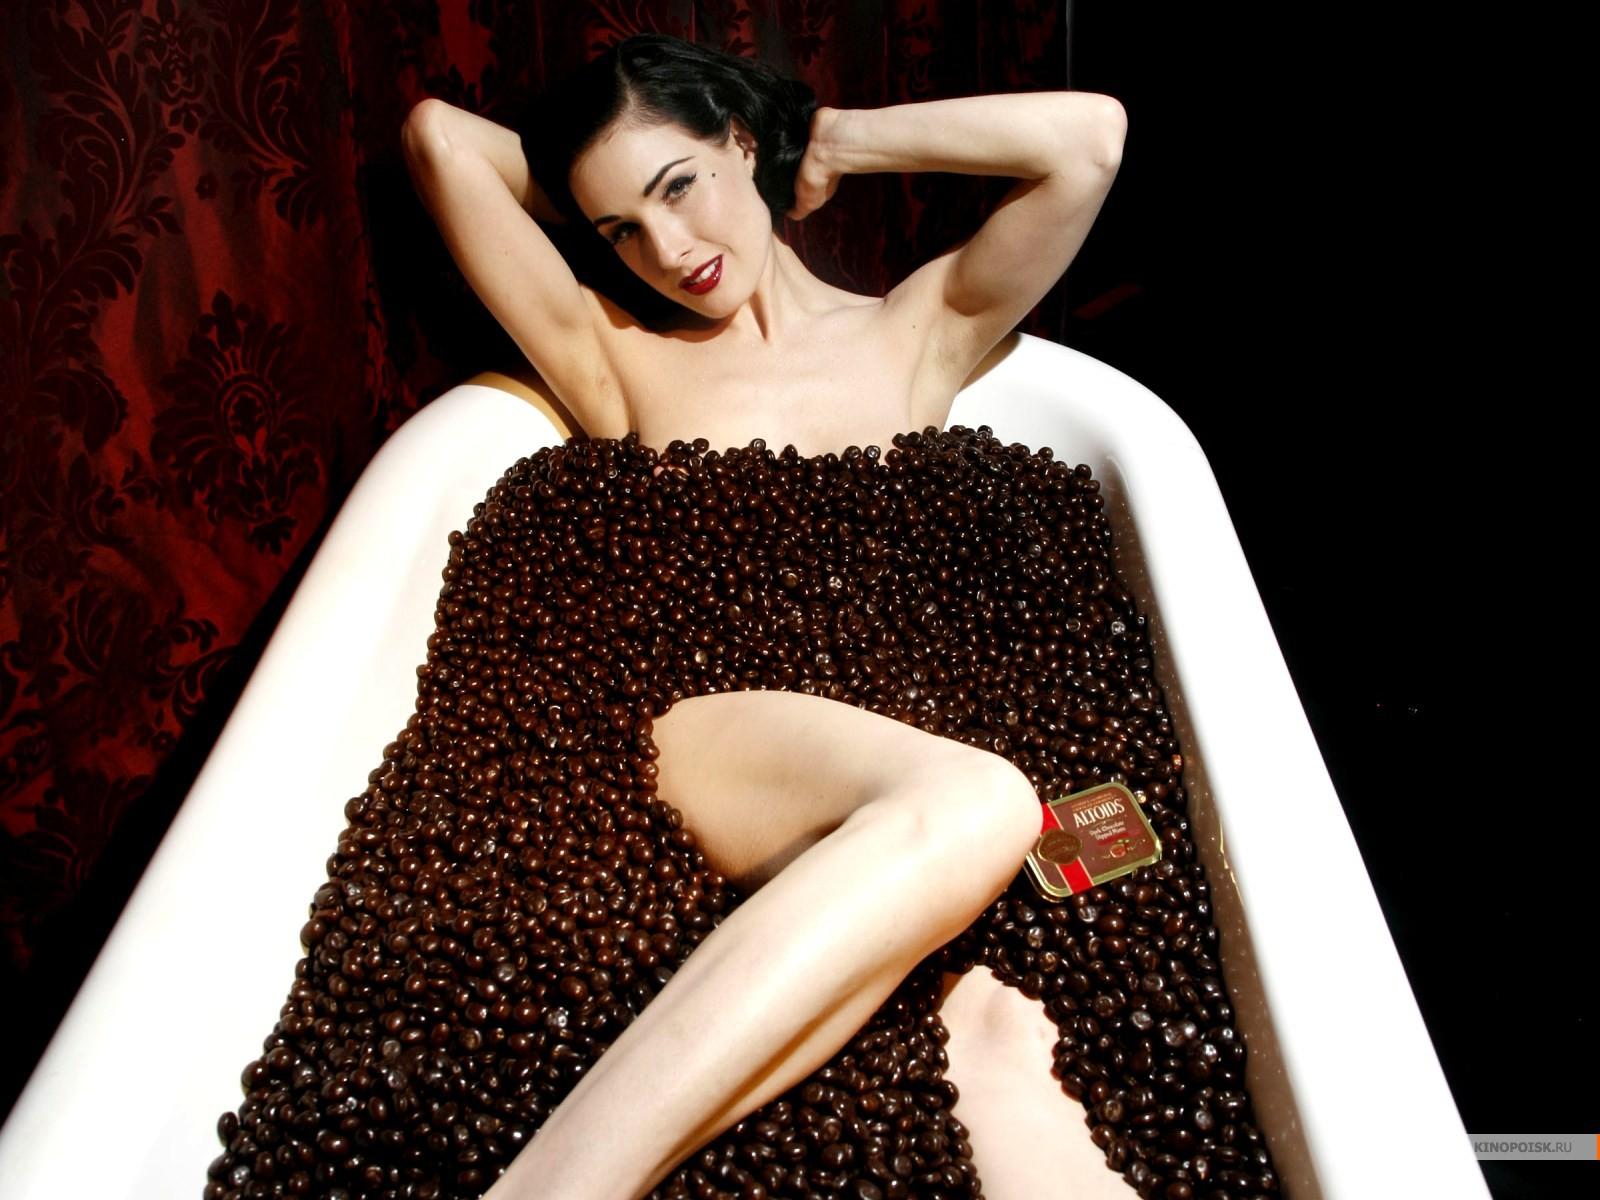 Телка в шоколаде 7 фотография